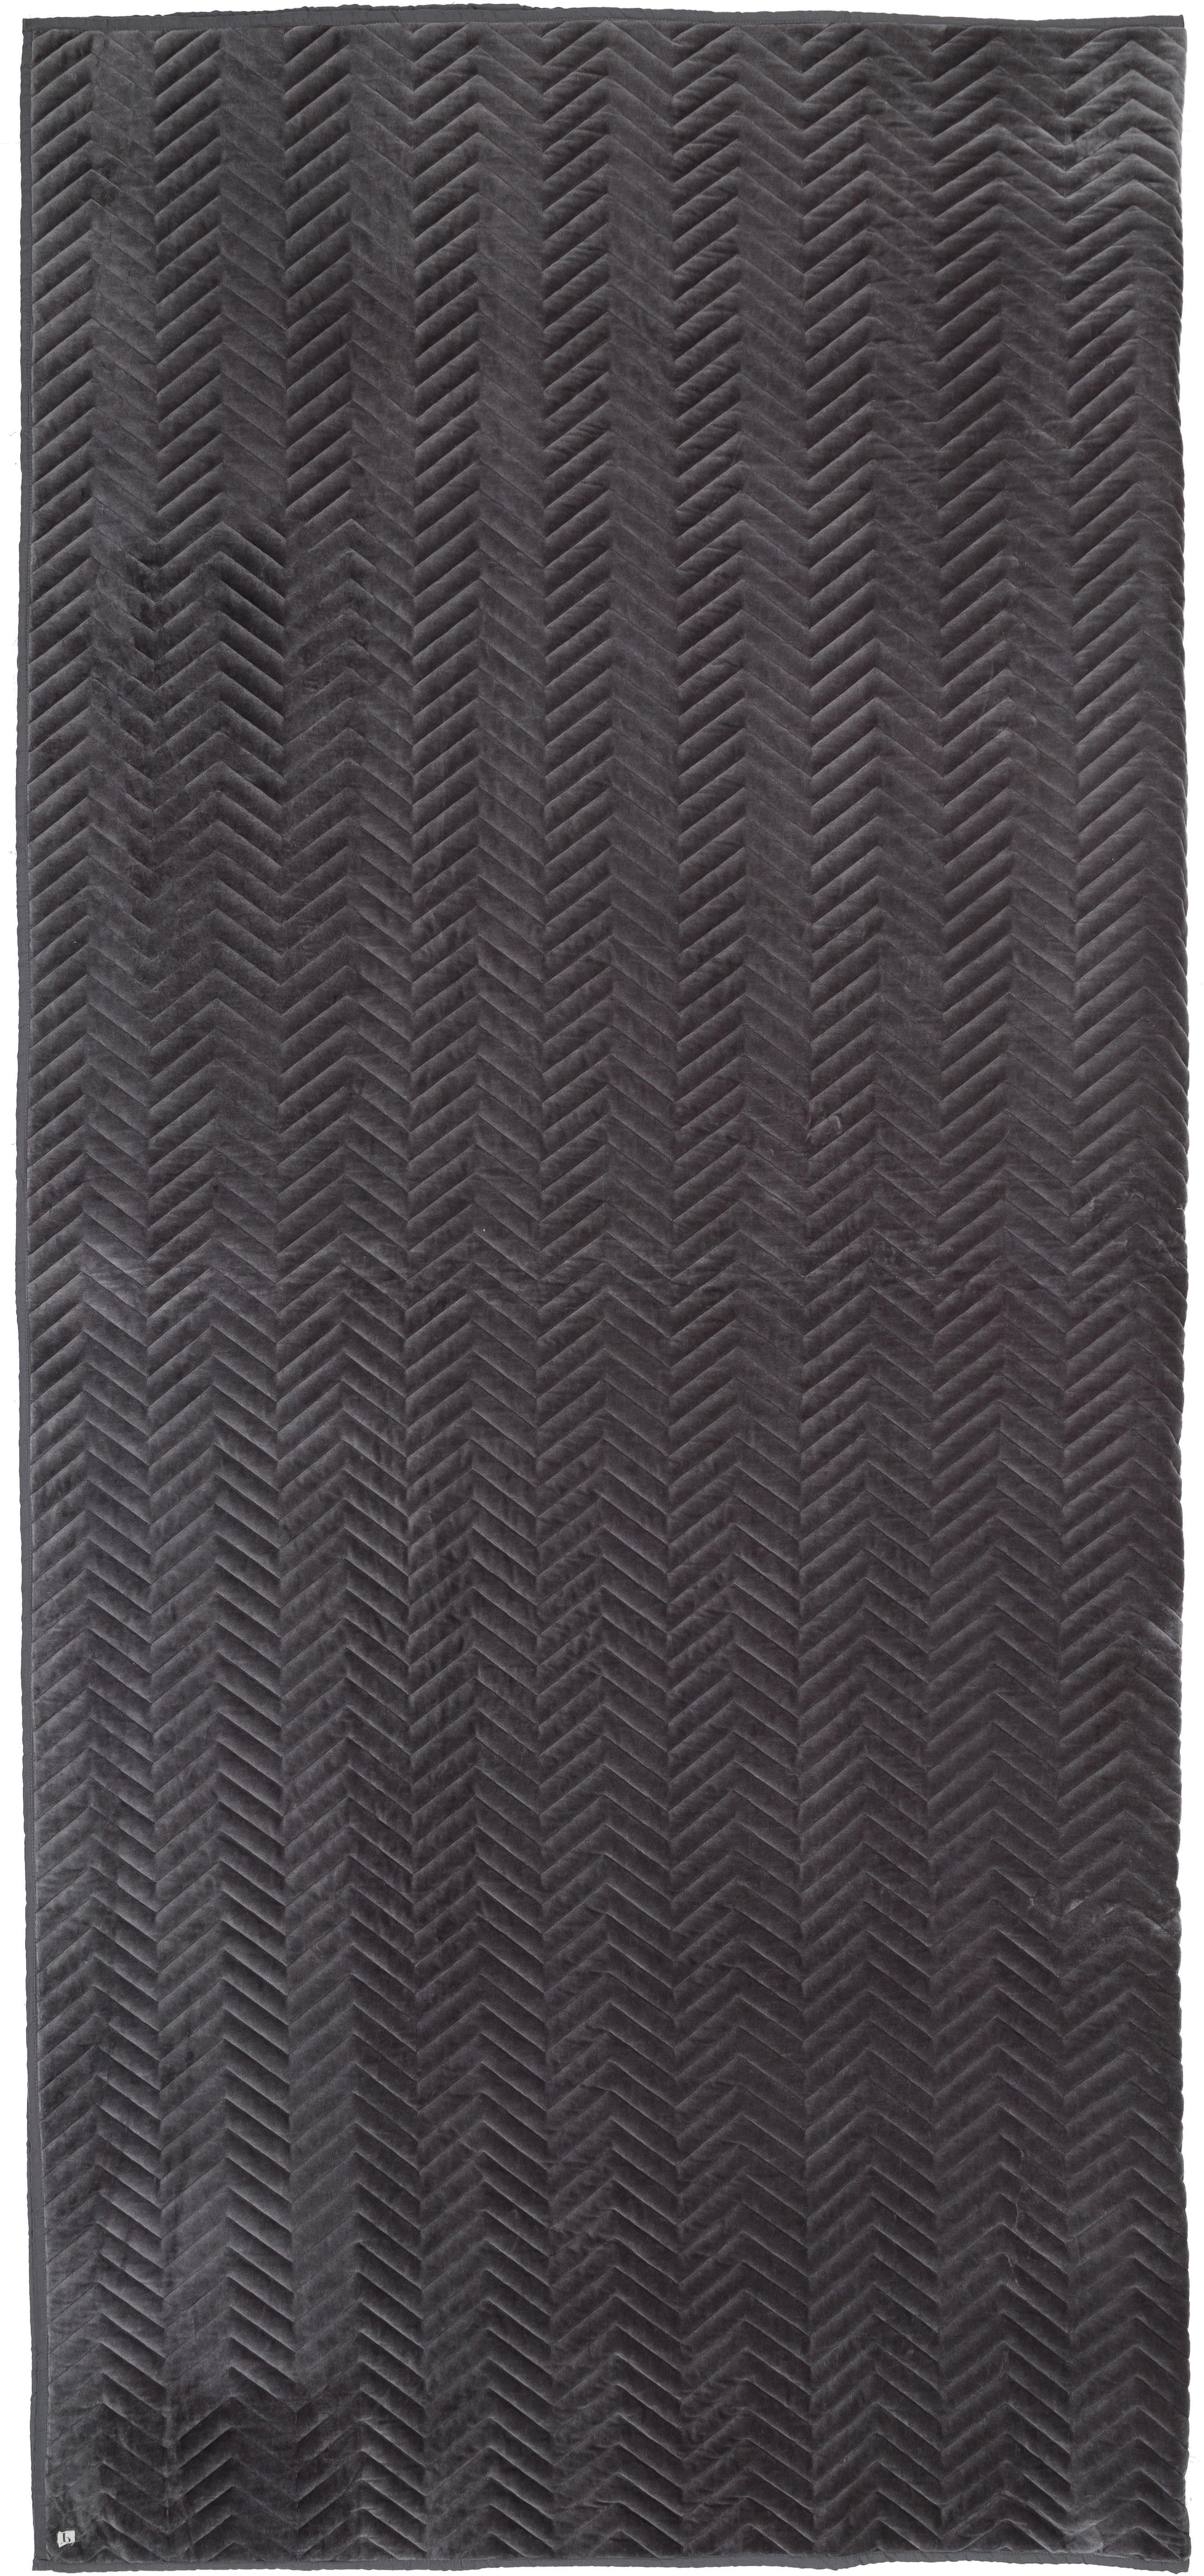 Narzuta z aksamitu Chevron, Aksamit bawełniany, Szary, S 240 x D 260 cm